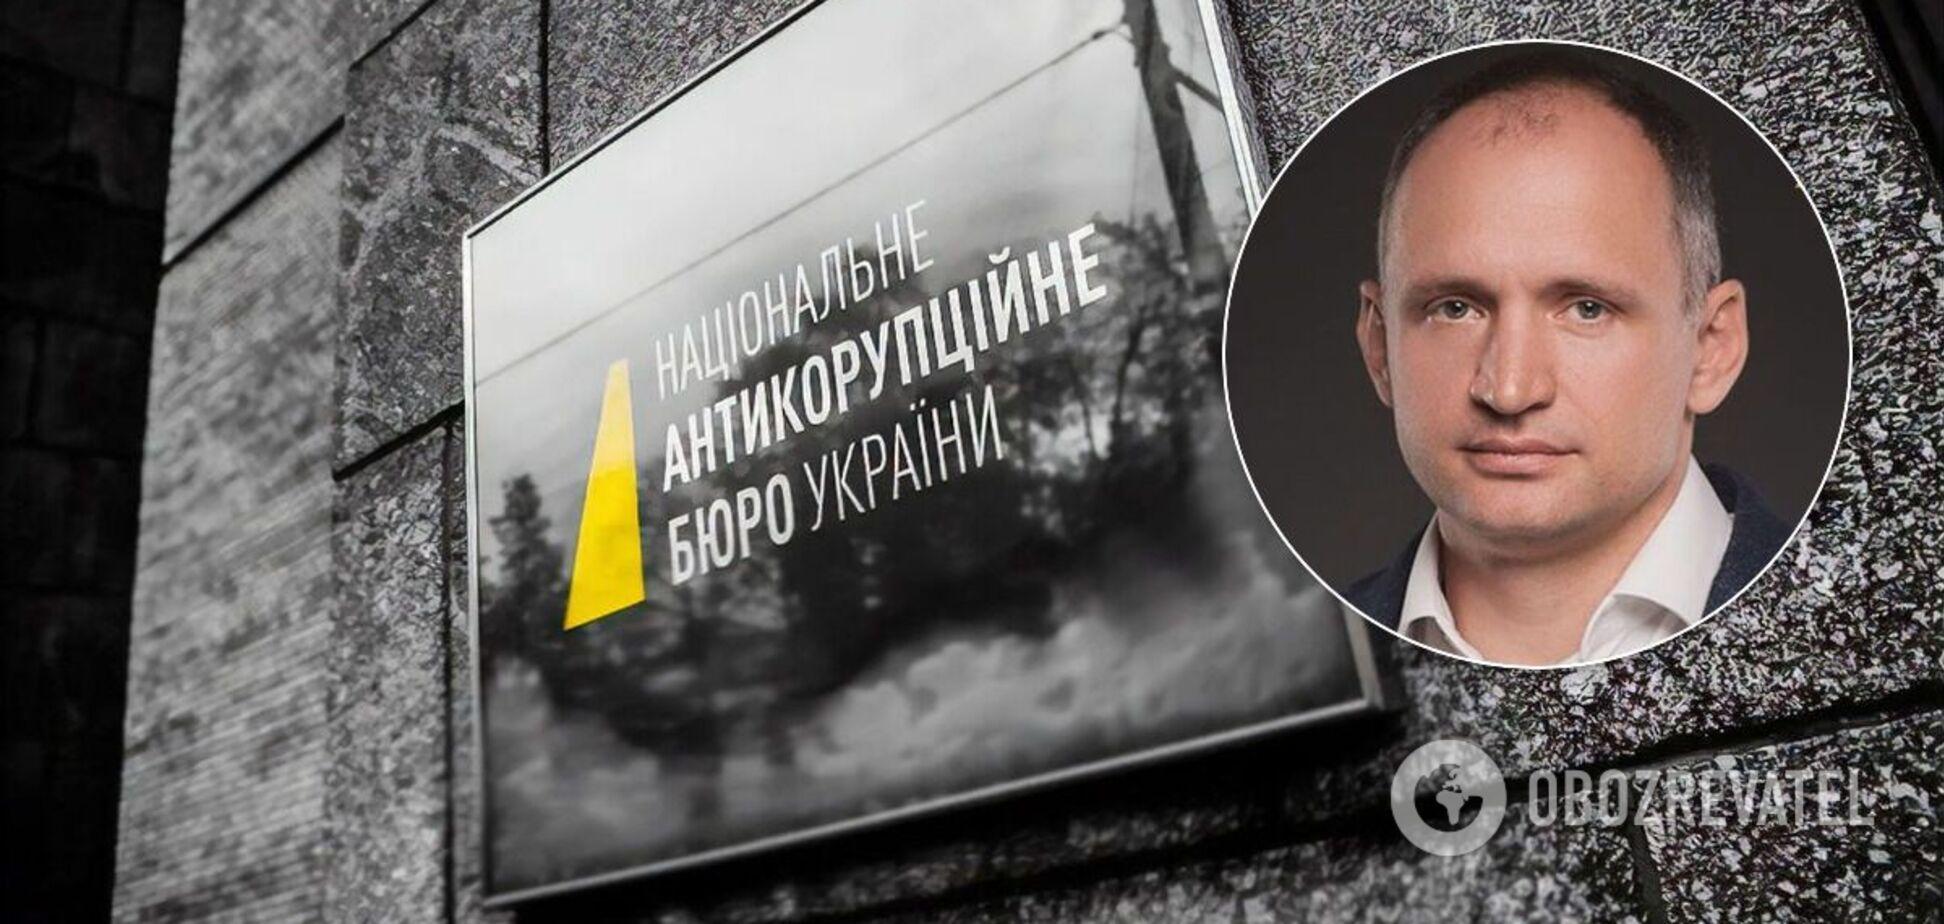 Сытник инициировал арест замглавы ОПУ: Татаров ответил